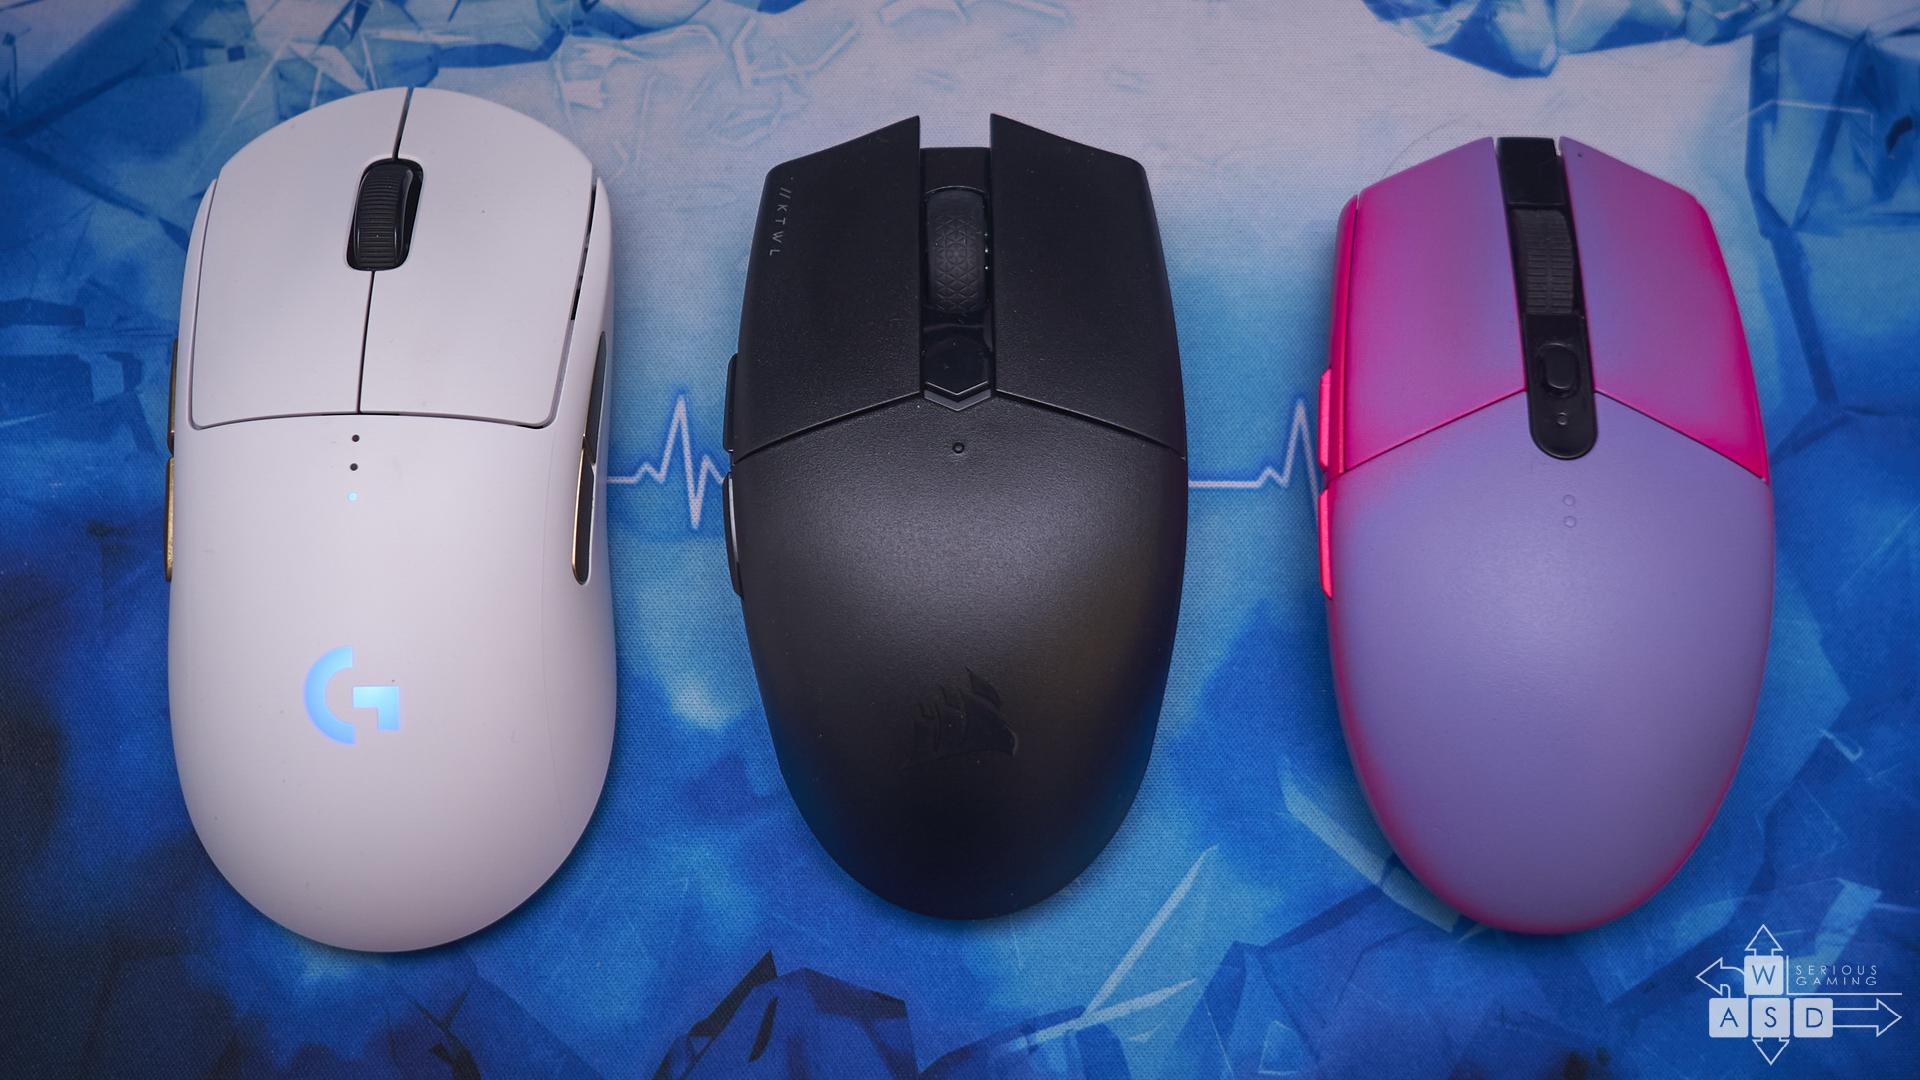 Logitech G Pro Wireless la stanga, Corsair Katar Pro Wireless la mijloc si Logitech G305 la dreapta